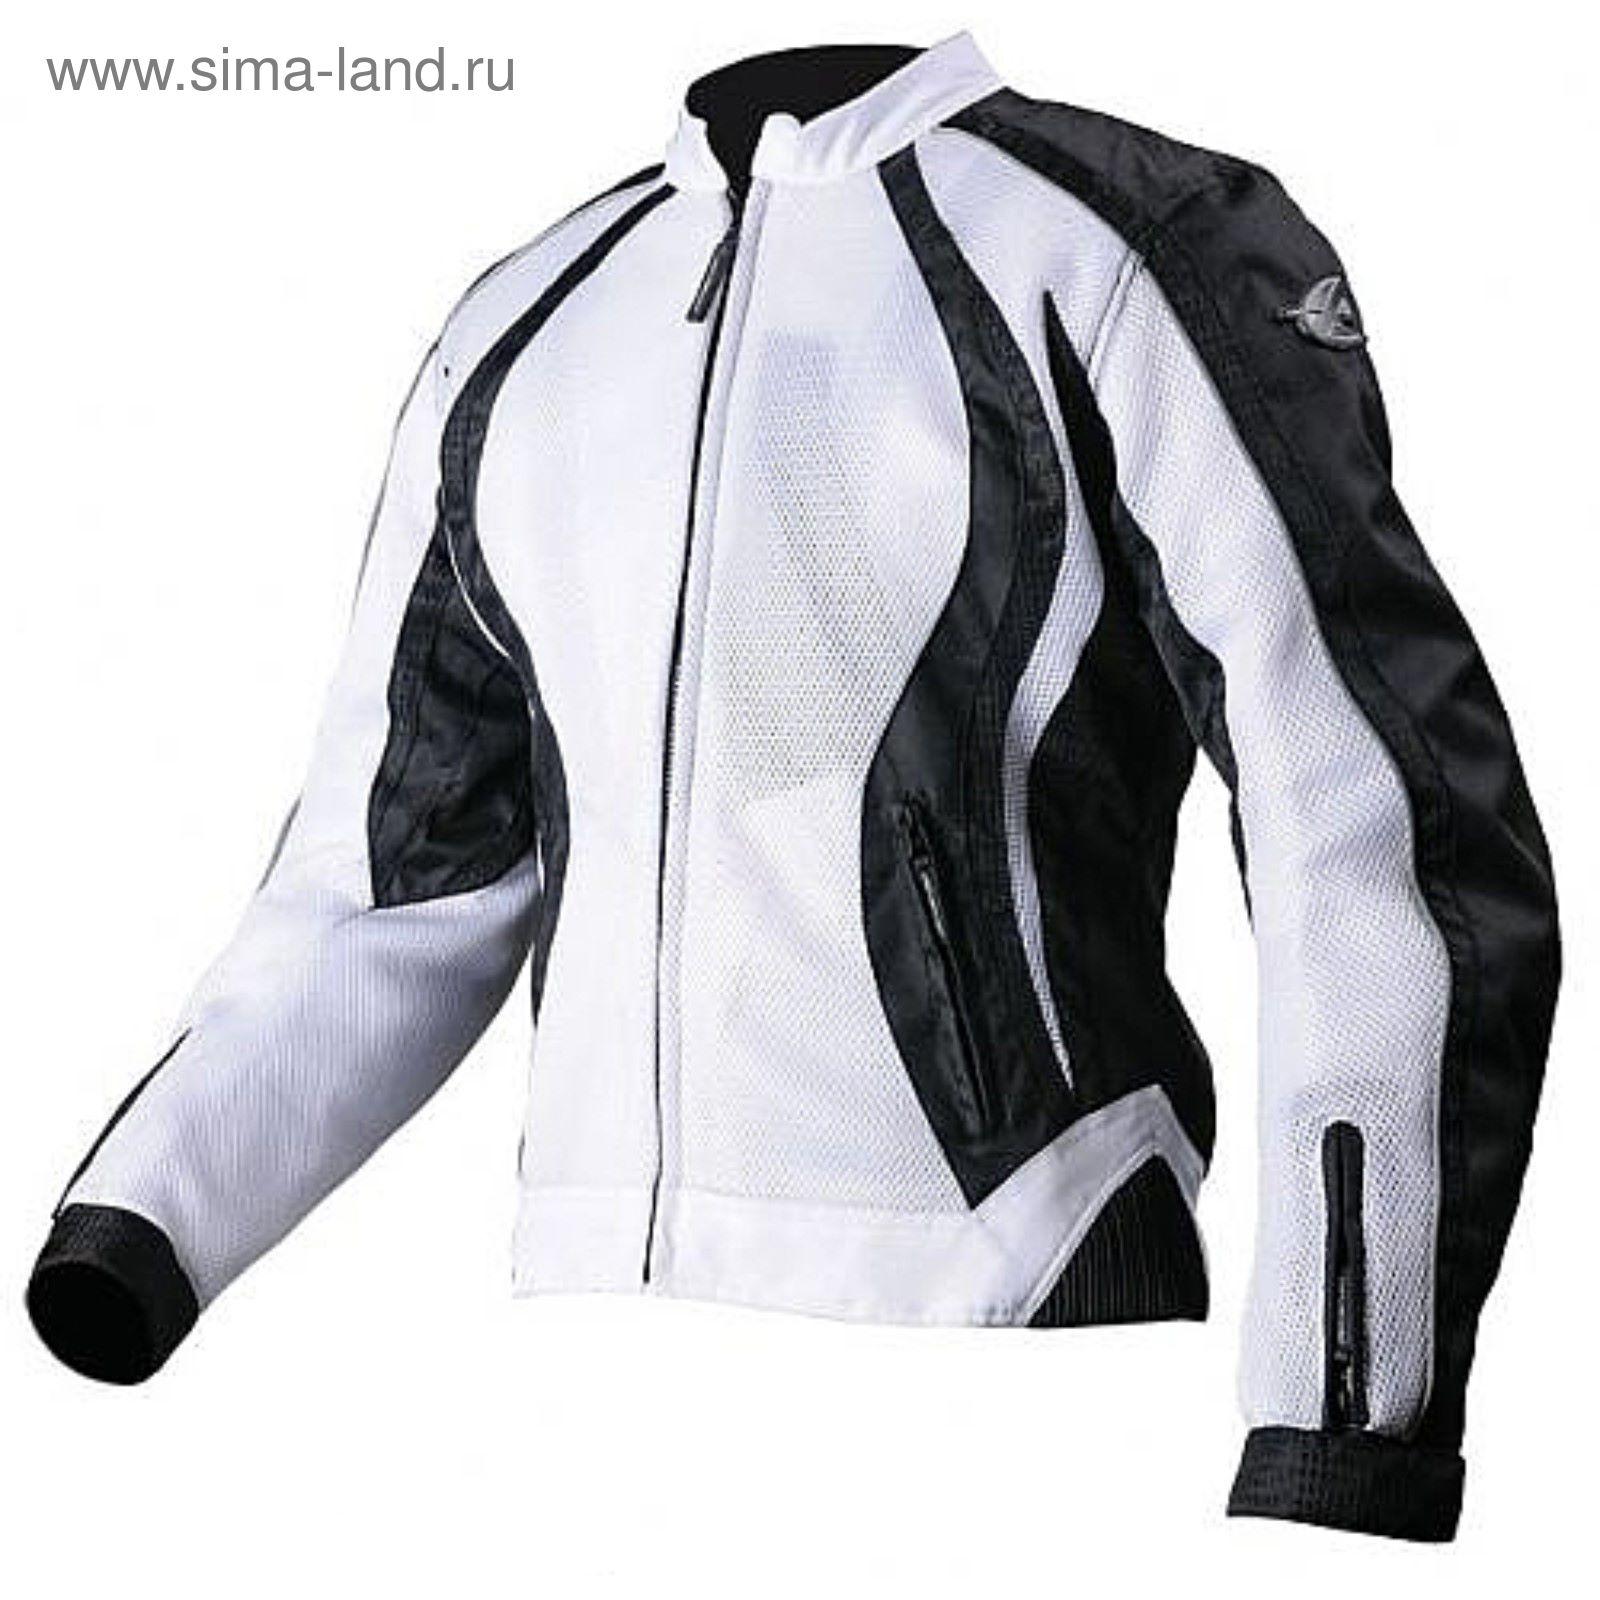 a06c8270 Куртка женская XENA, текстиль, белая L (1986723) - Купить по цене от ...